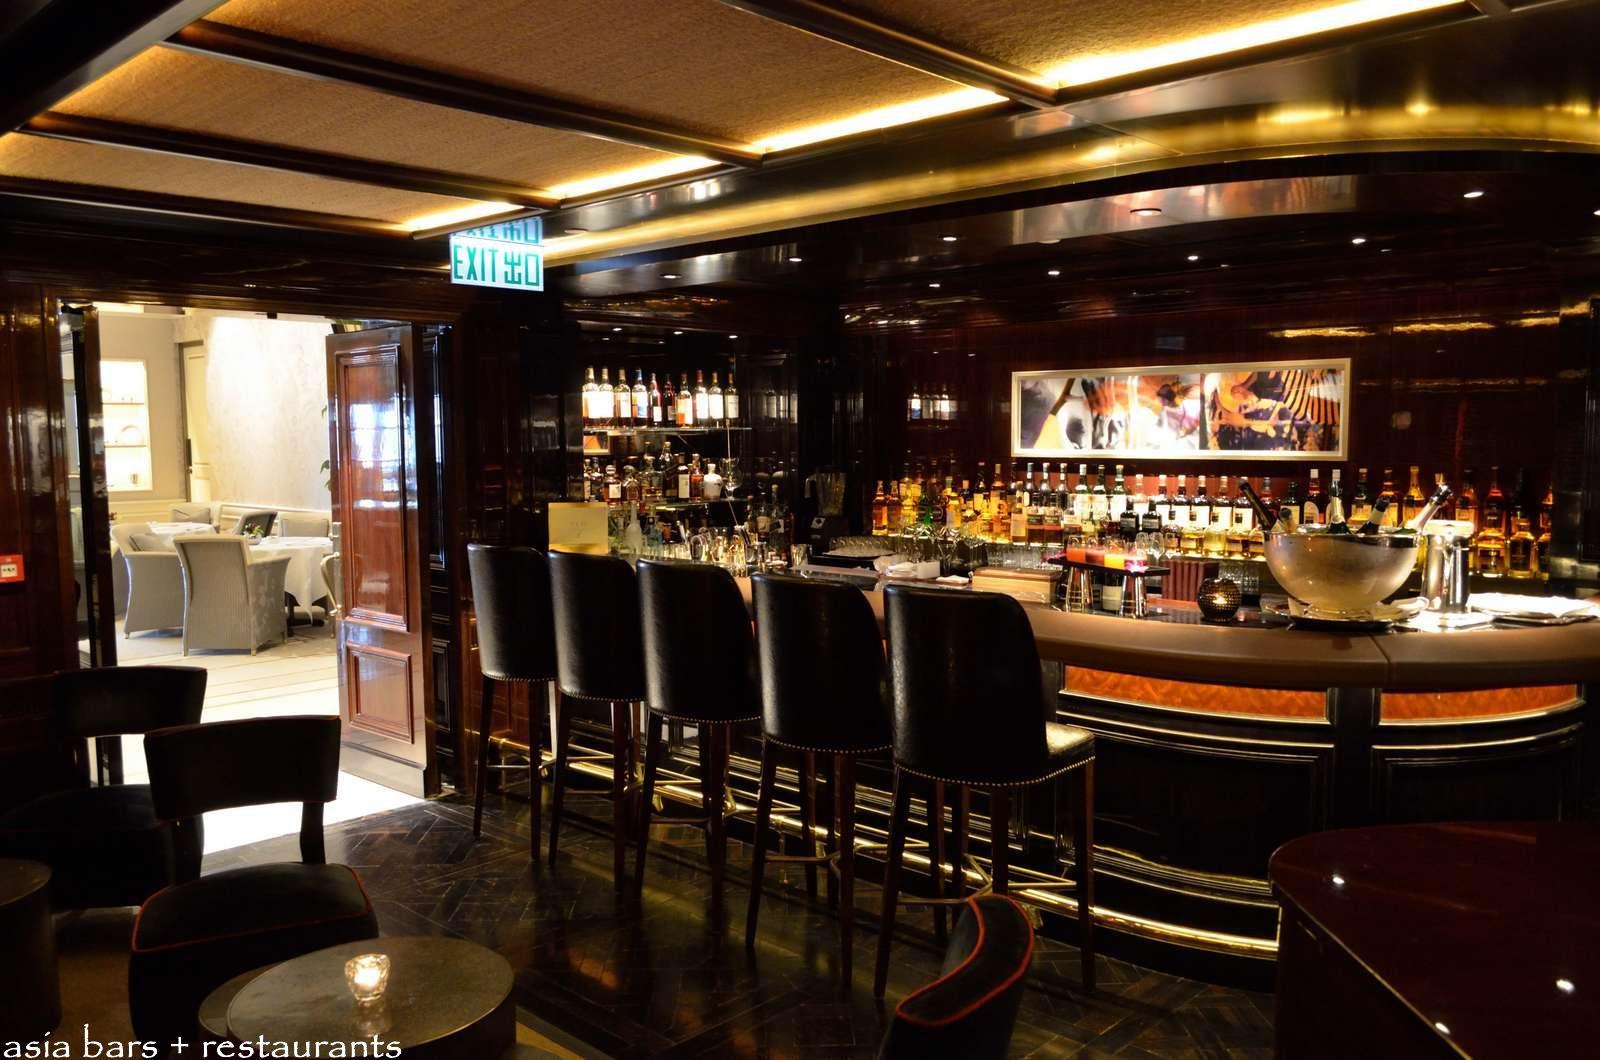 Bars in hk